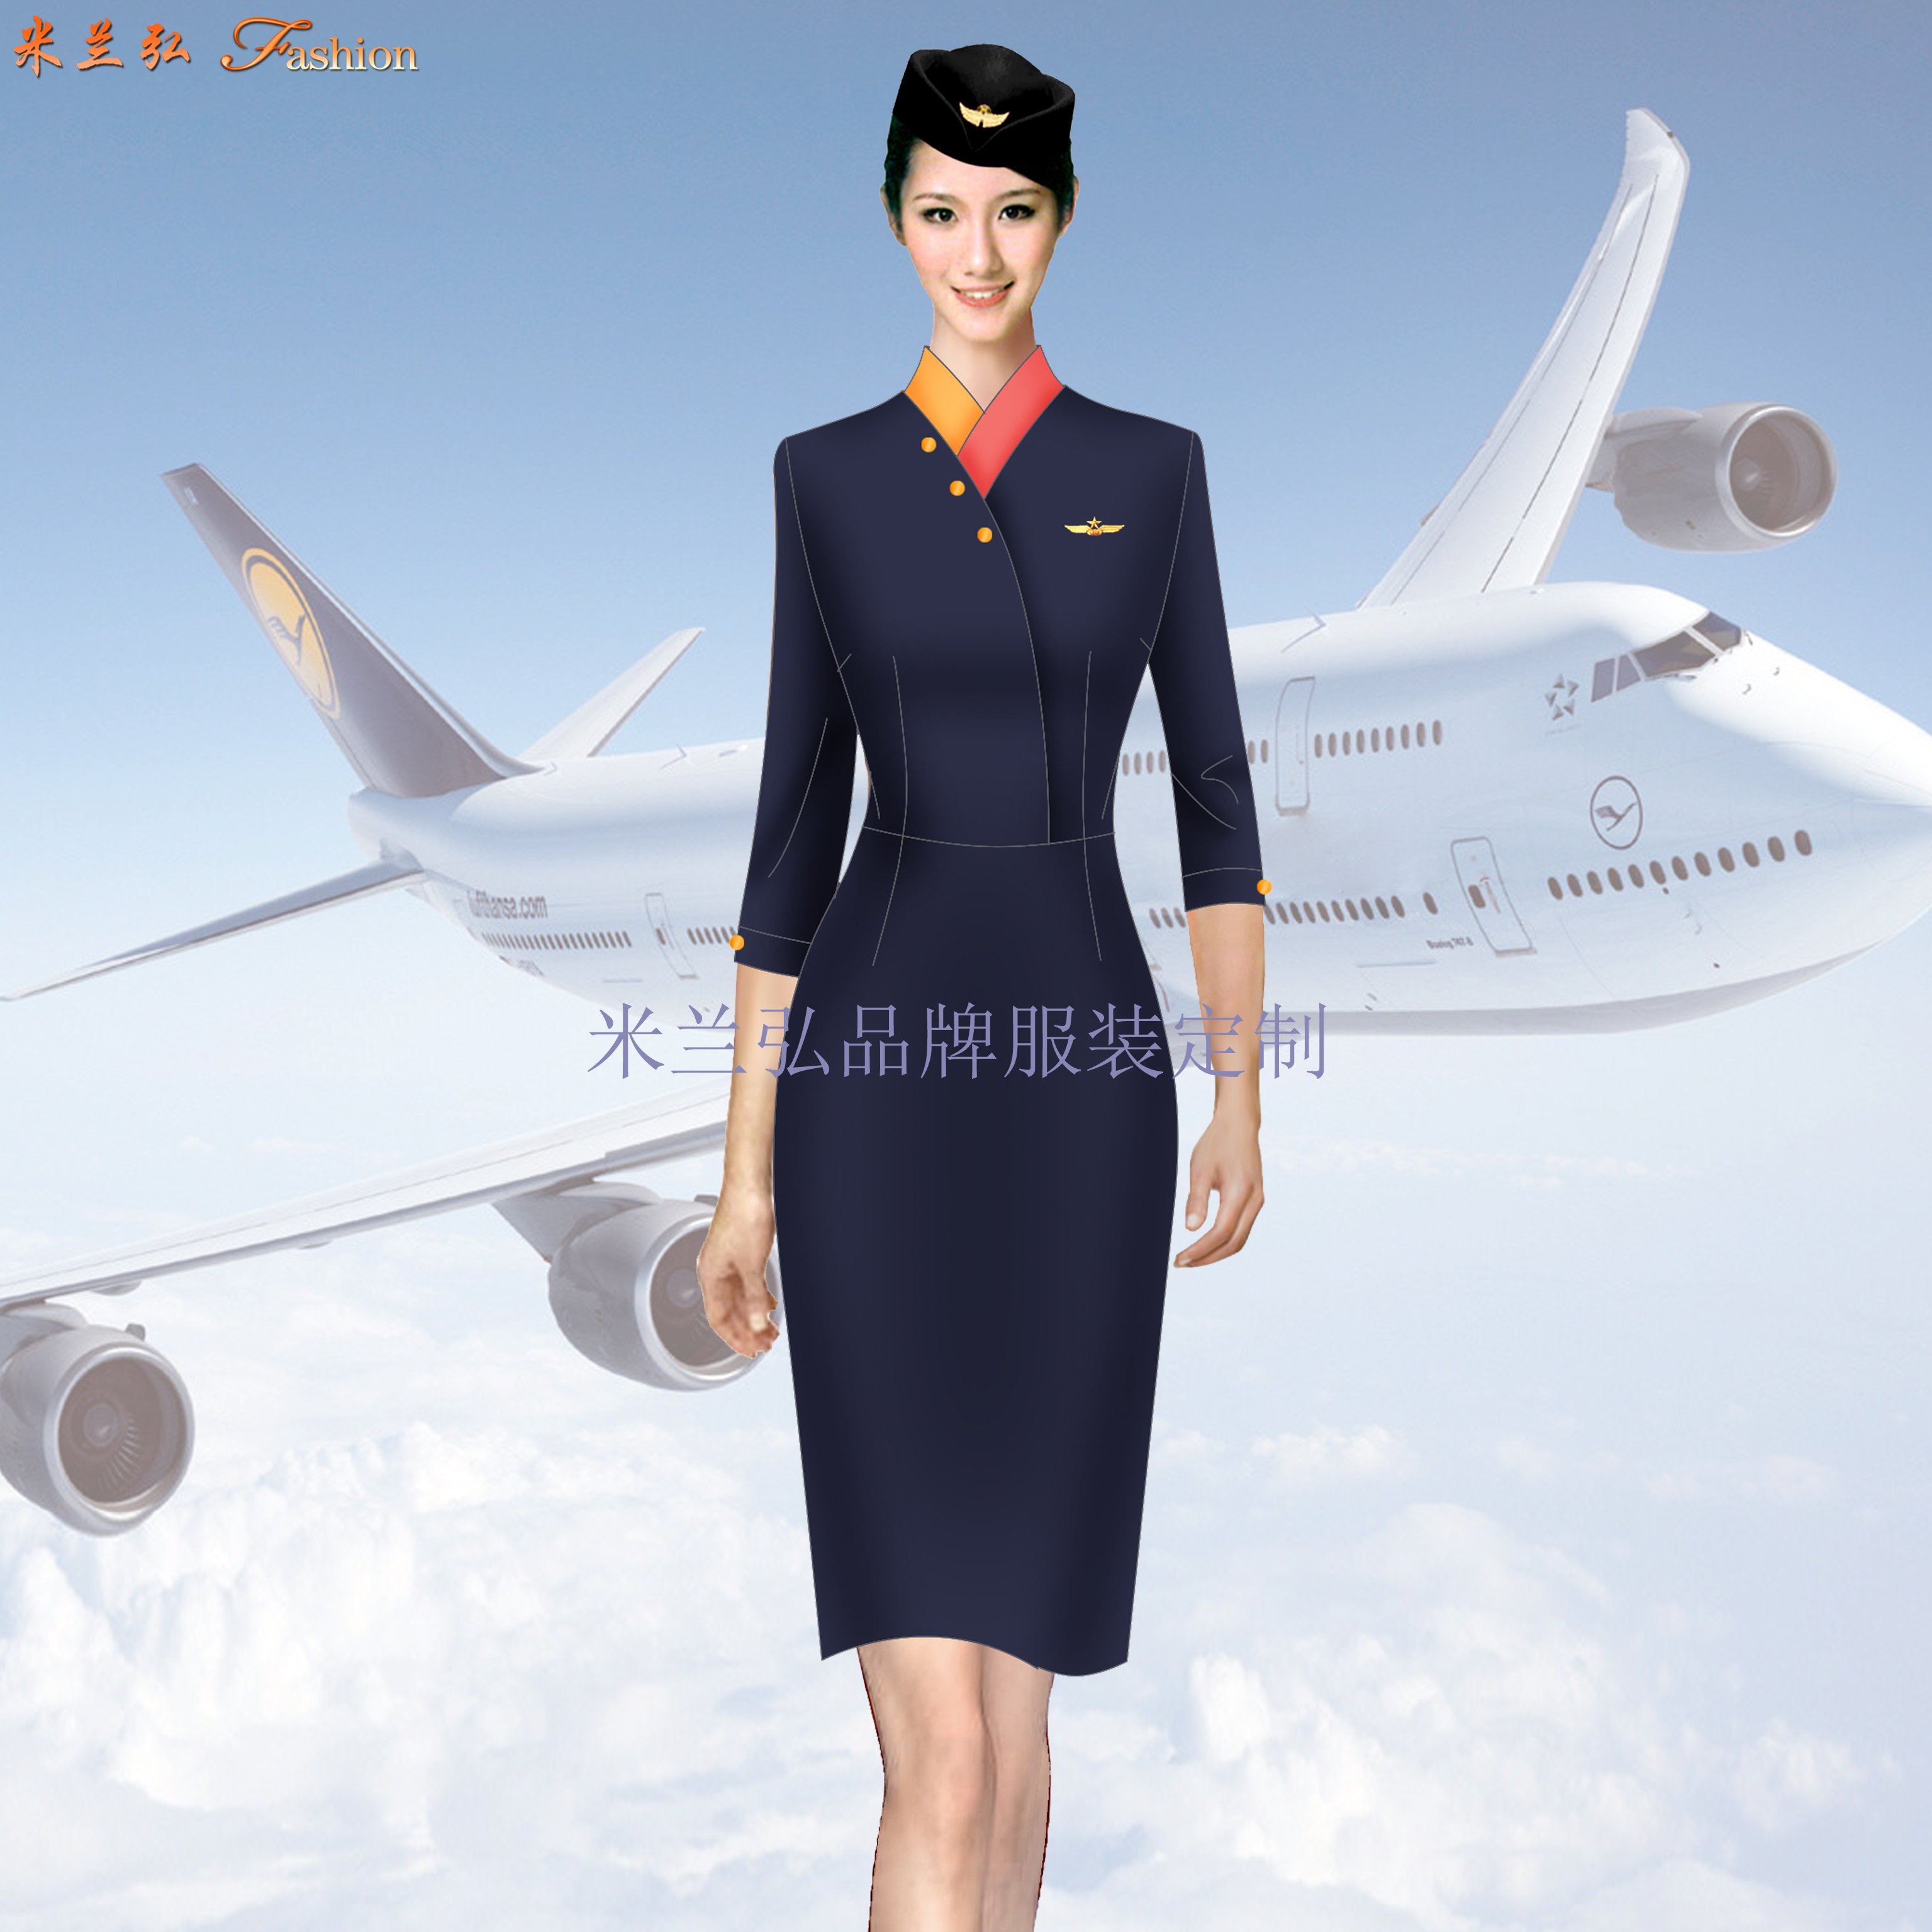 空姐制服連衣裙夏季時尚新款空姐職業裝-米蘭弘廠家-5